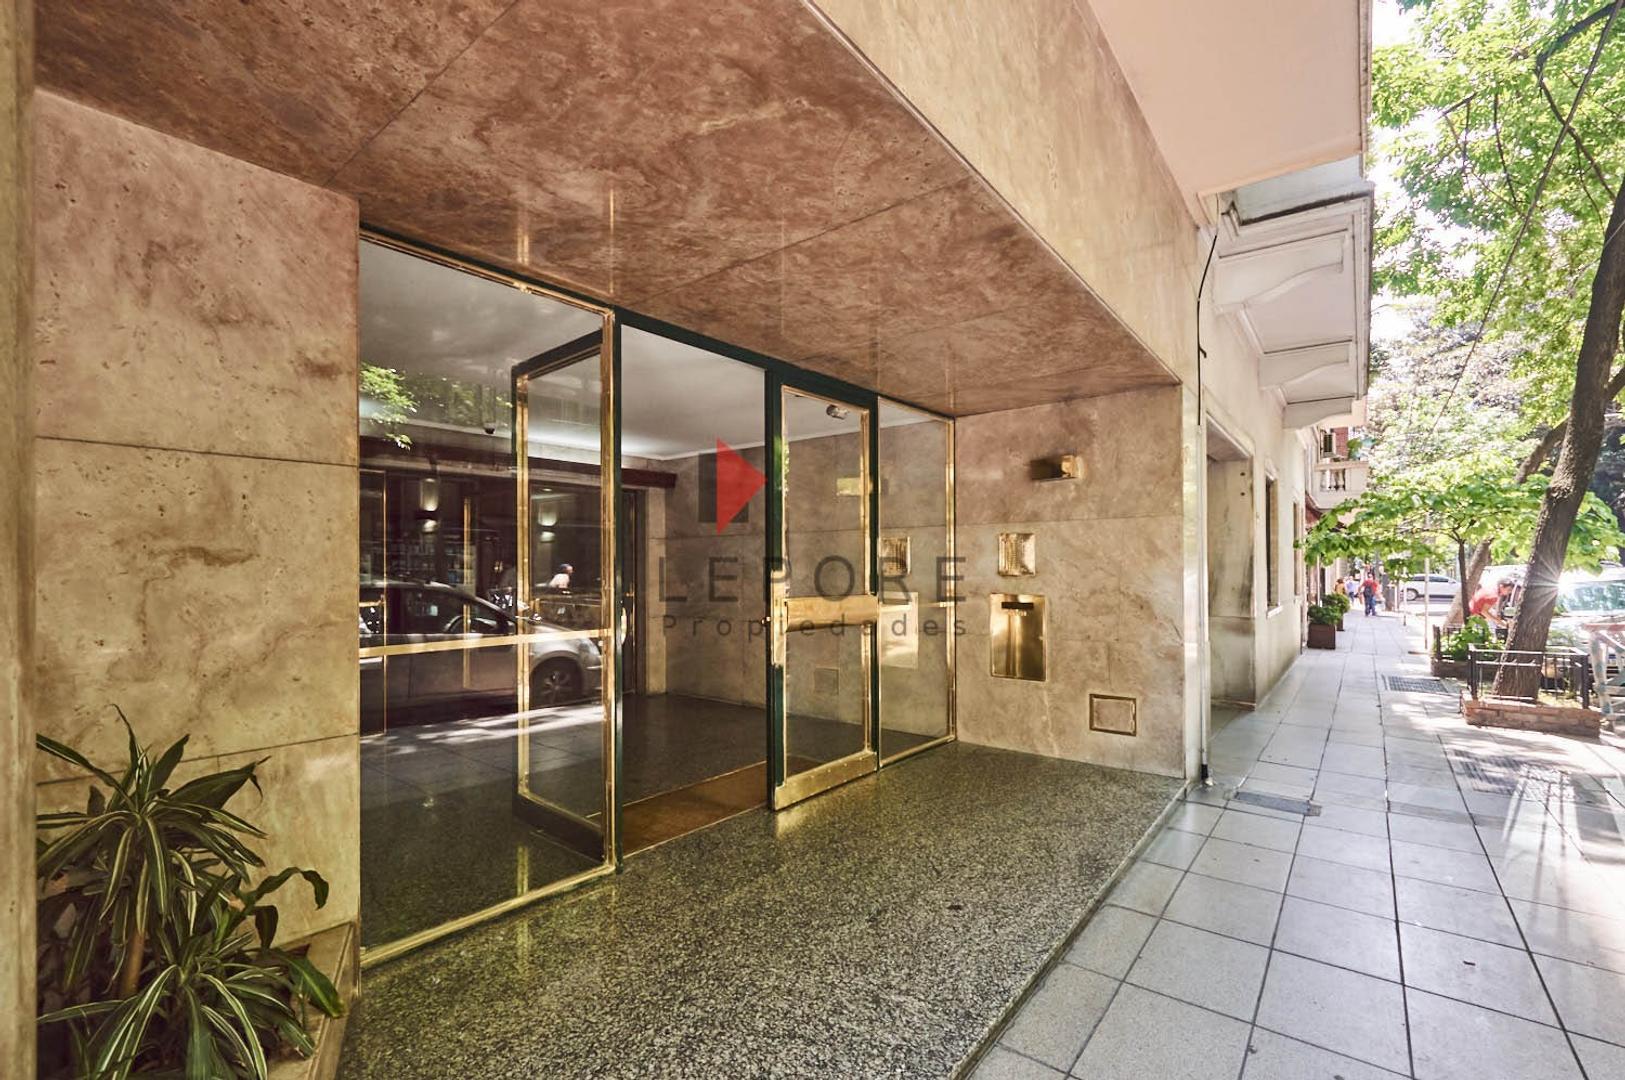 Departamento en Venta - 3 ambientes - USD 430.000